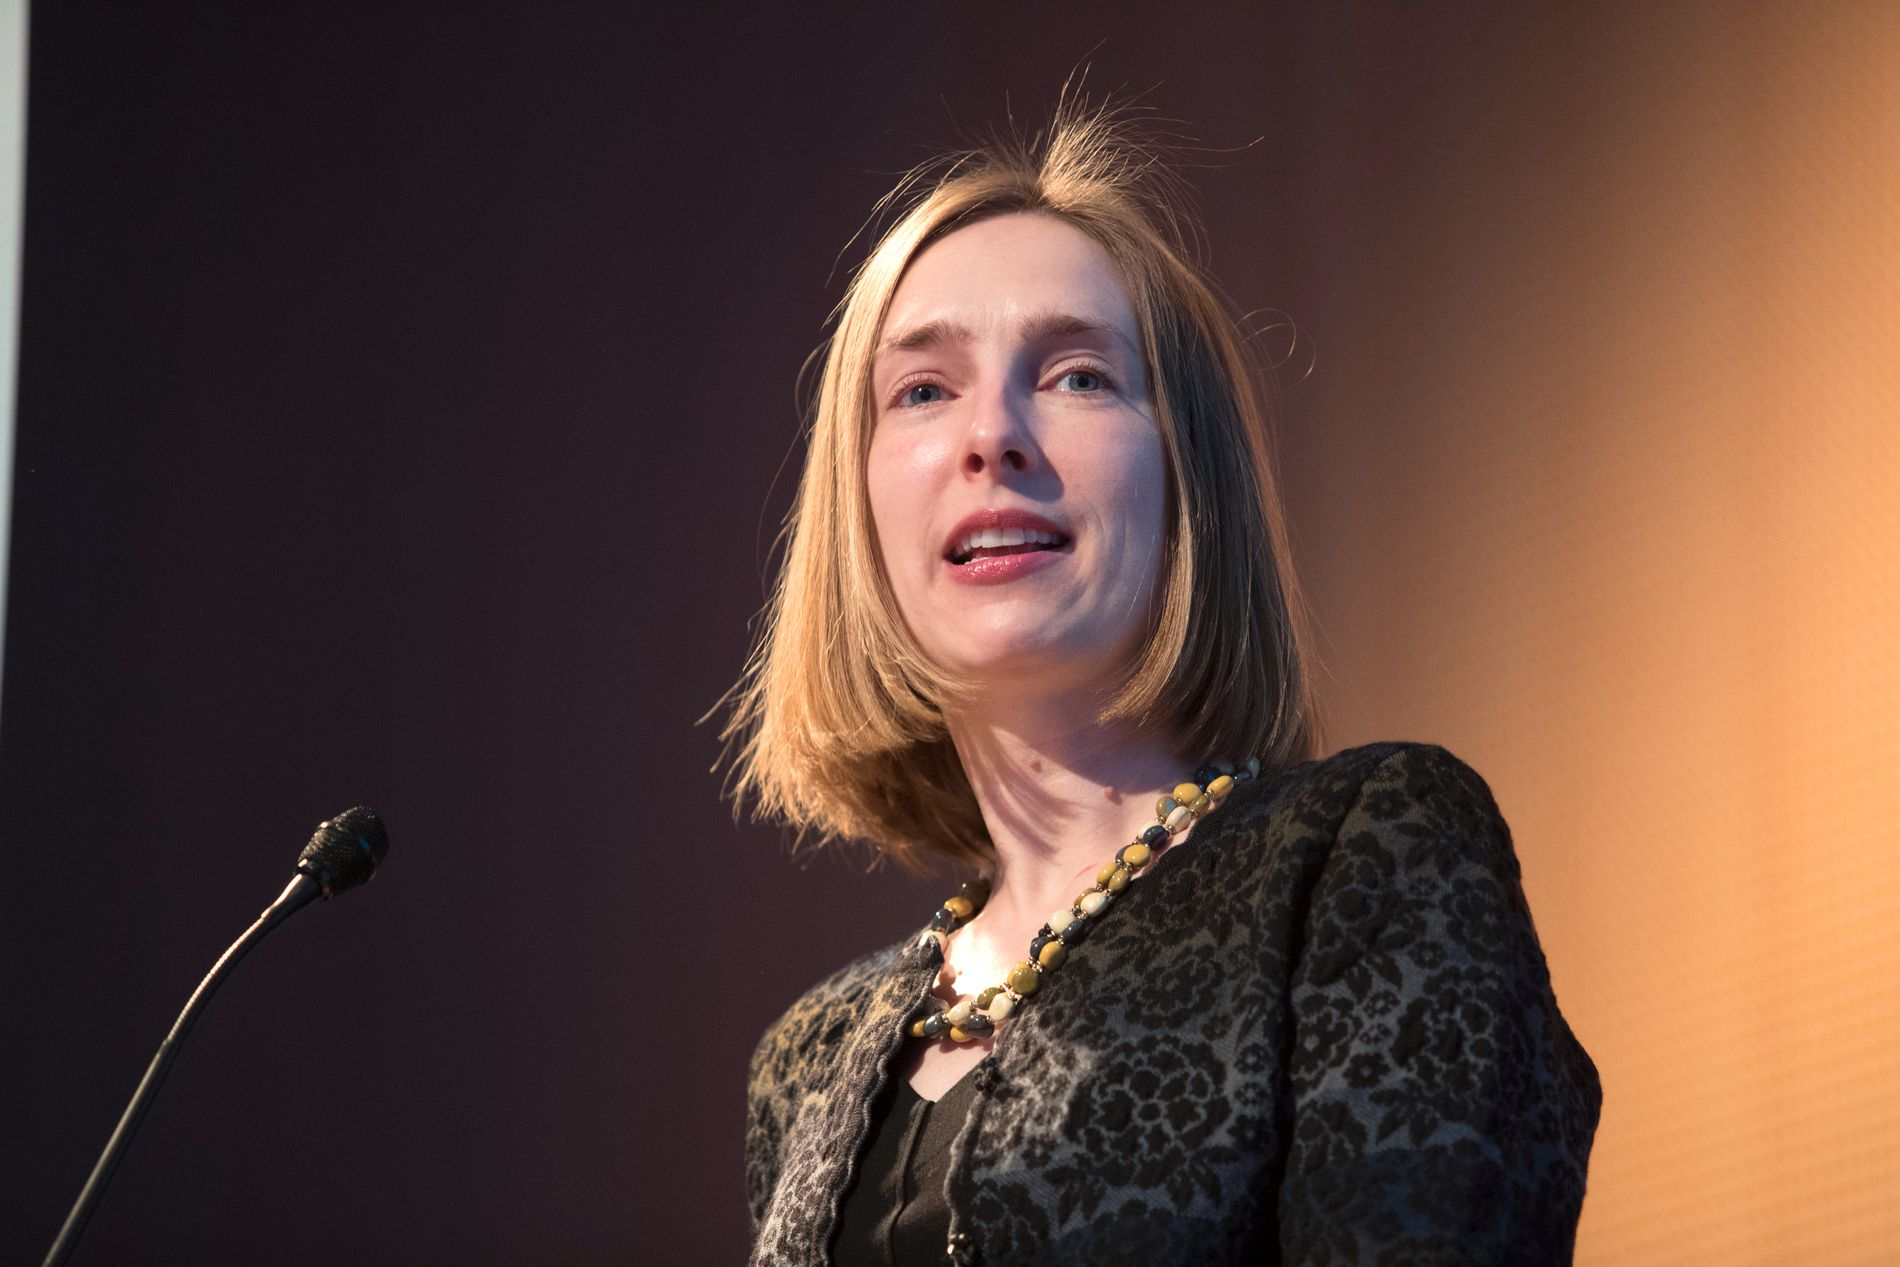 STUDIE-STATSRÅD: Iselin Nybø (V) er høyere utdannings- og forskningsminister. Hun vil ha flere til å fullføre studiene på normert tid.